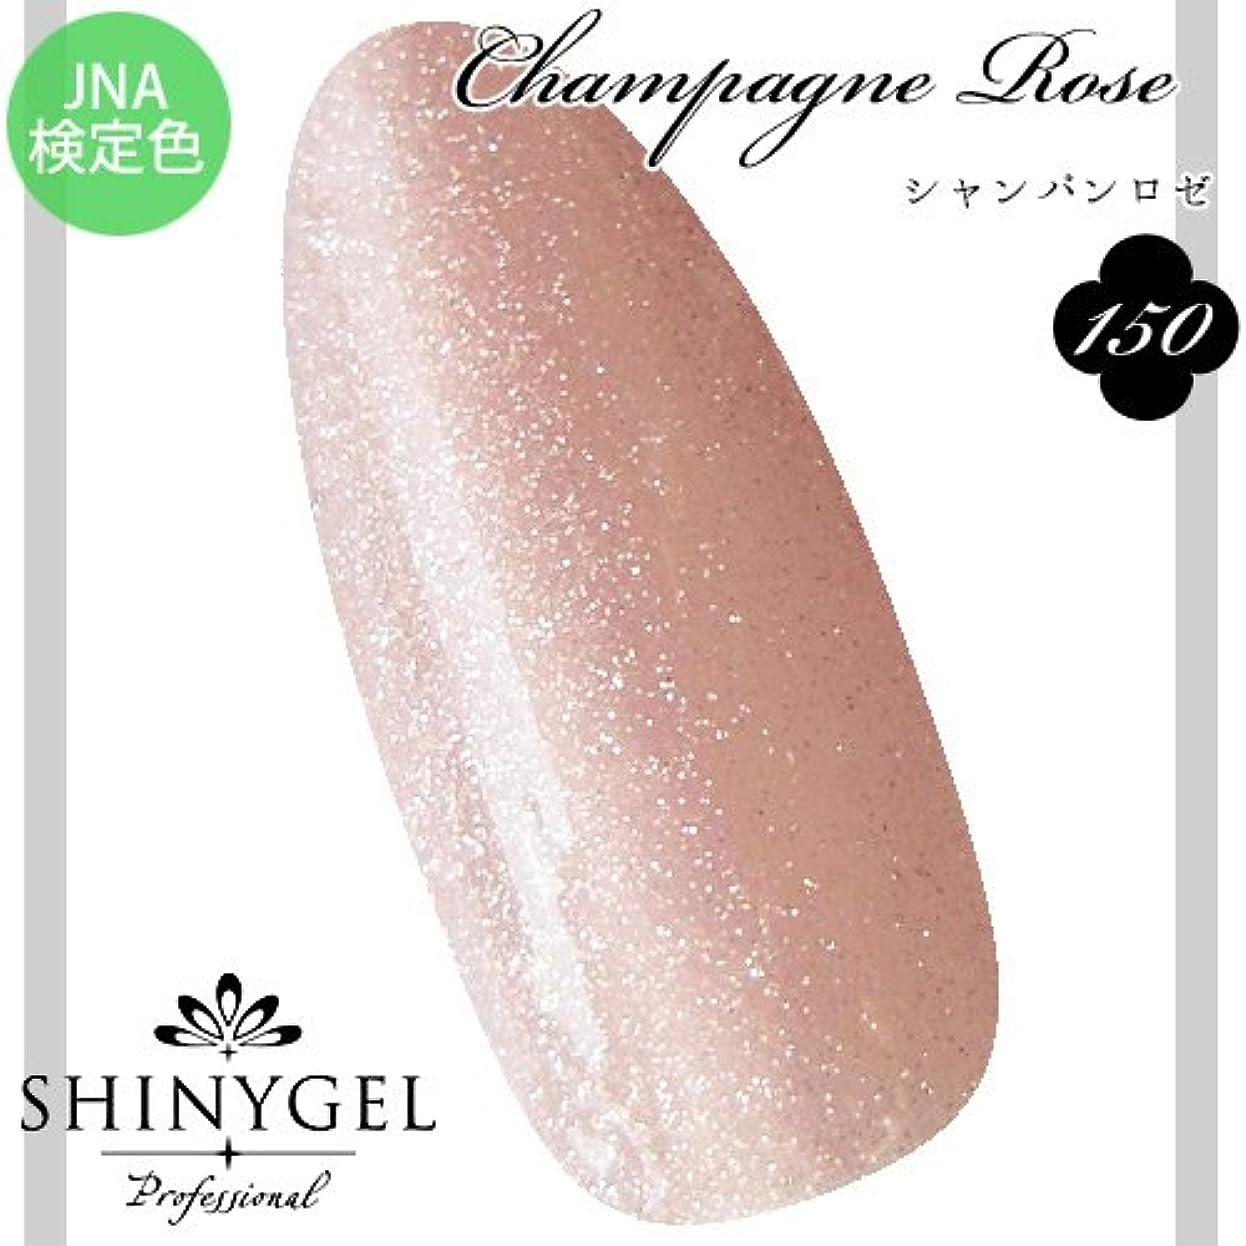 半島厳密に二SHINY GEL カラージェル 150 4g シャンパンロゼ シルバーラメをミックスしたラメローズ JNA検定色 UV/LED対応